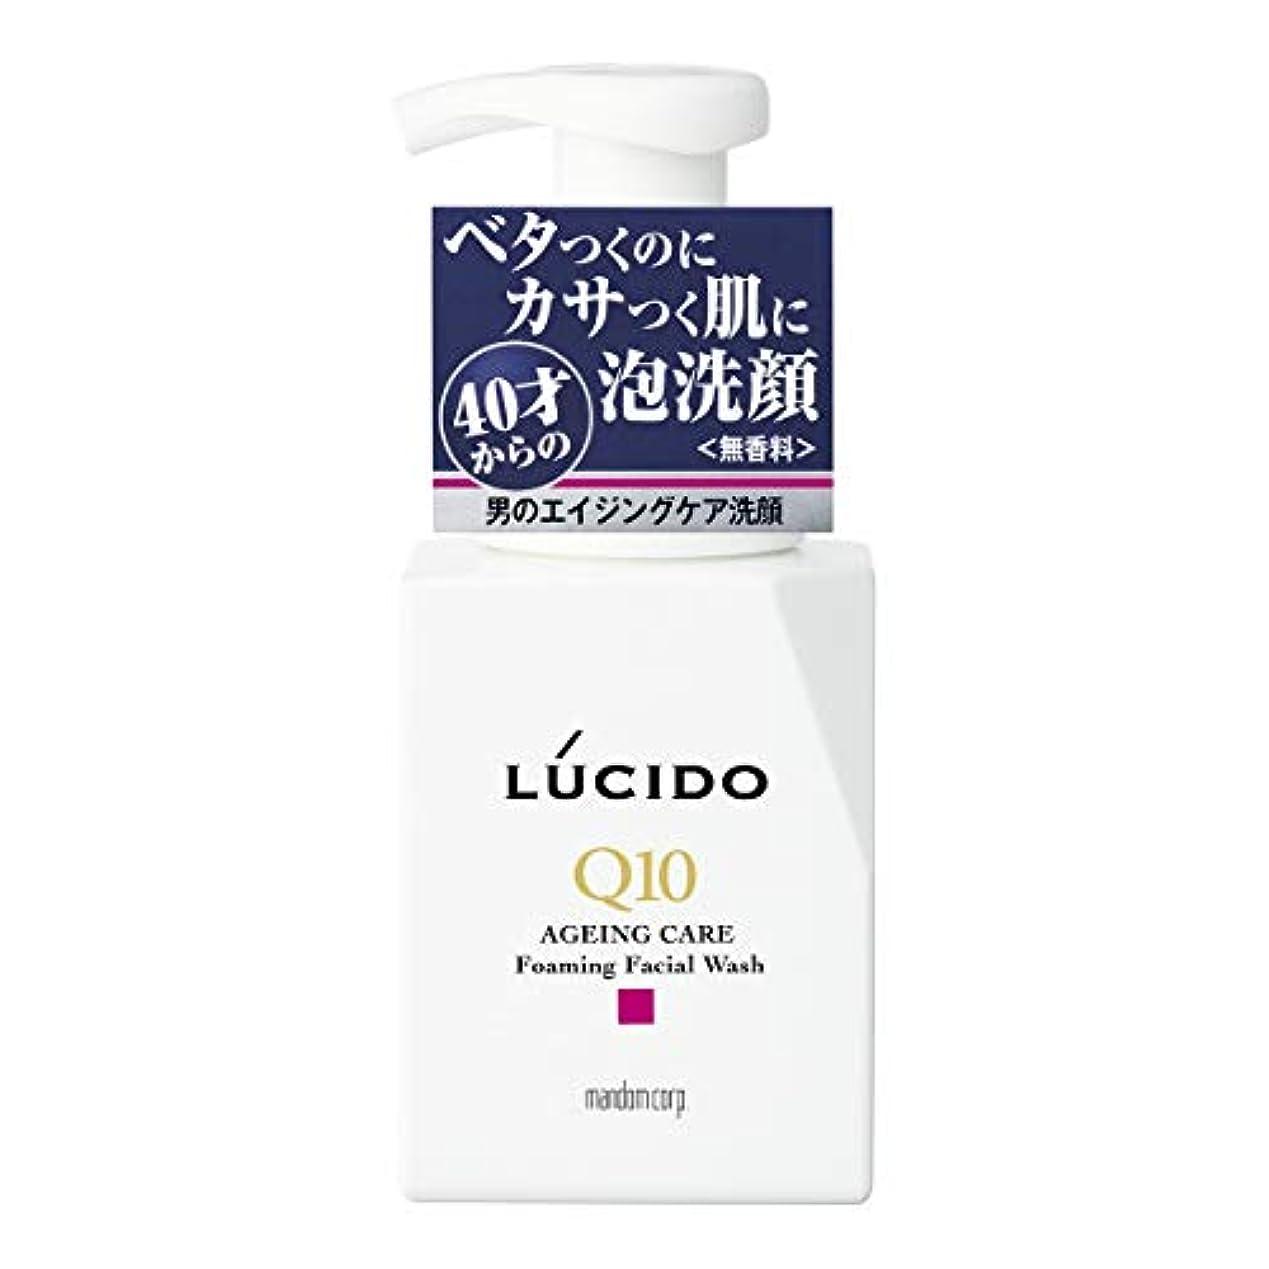 悪因子消毒するチャレンジLUCIDO(ルシード) トータルケア泡洗顔 Q10 150mL